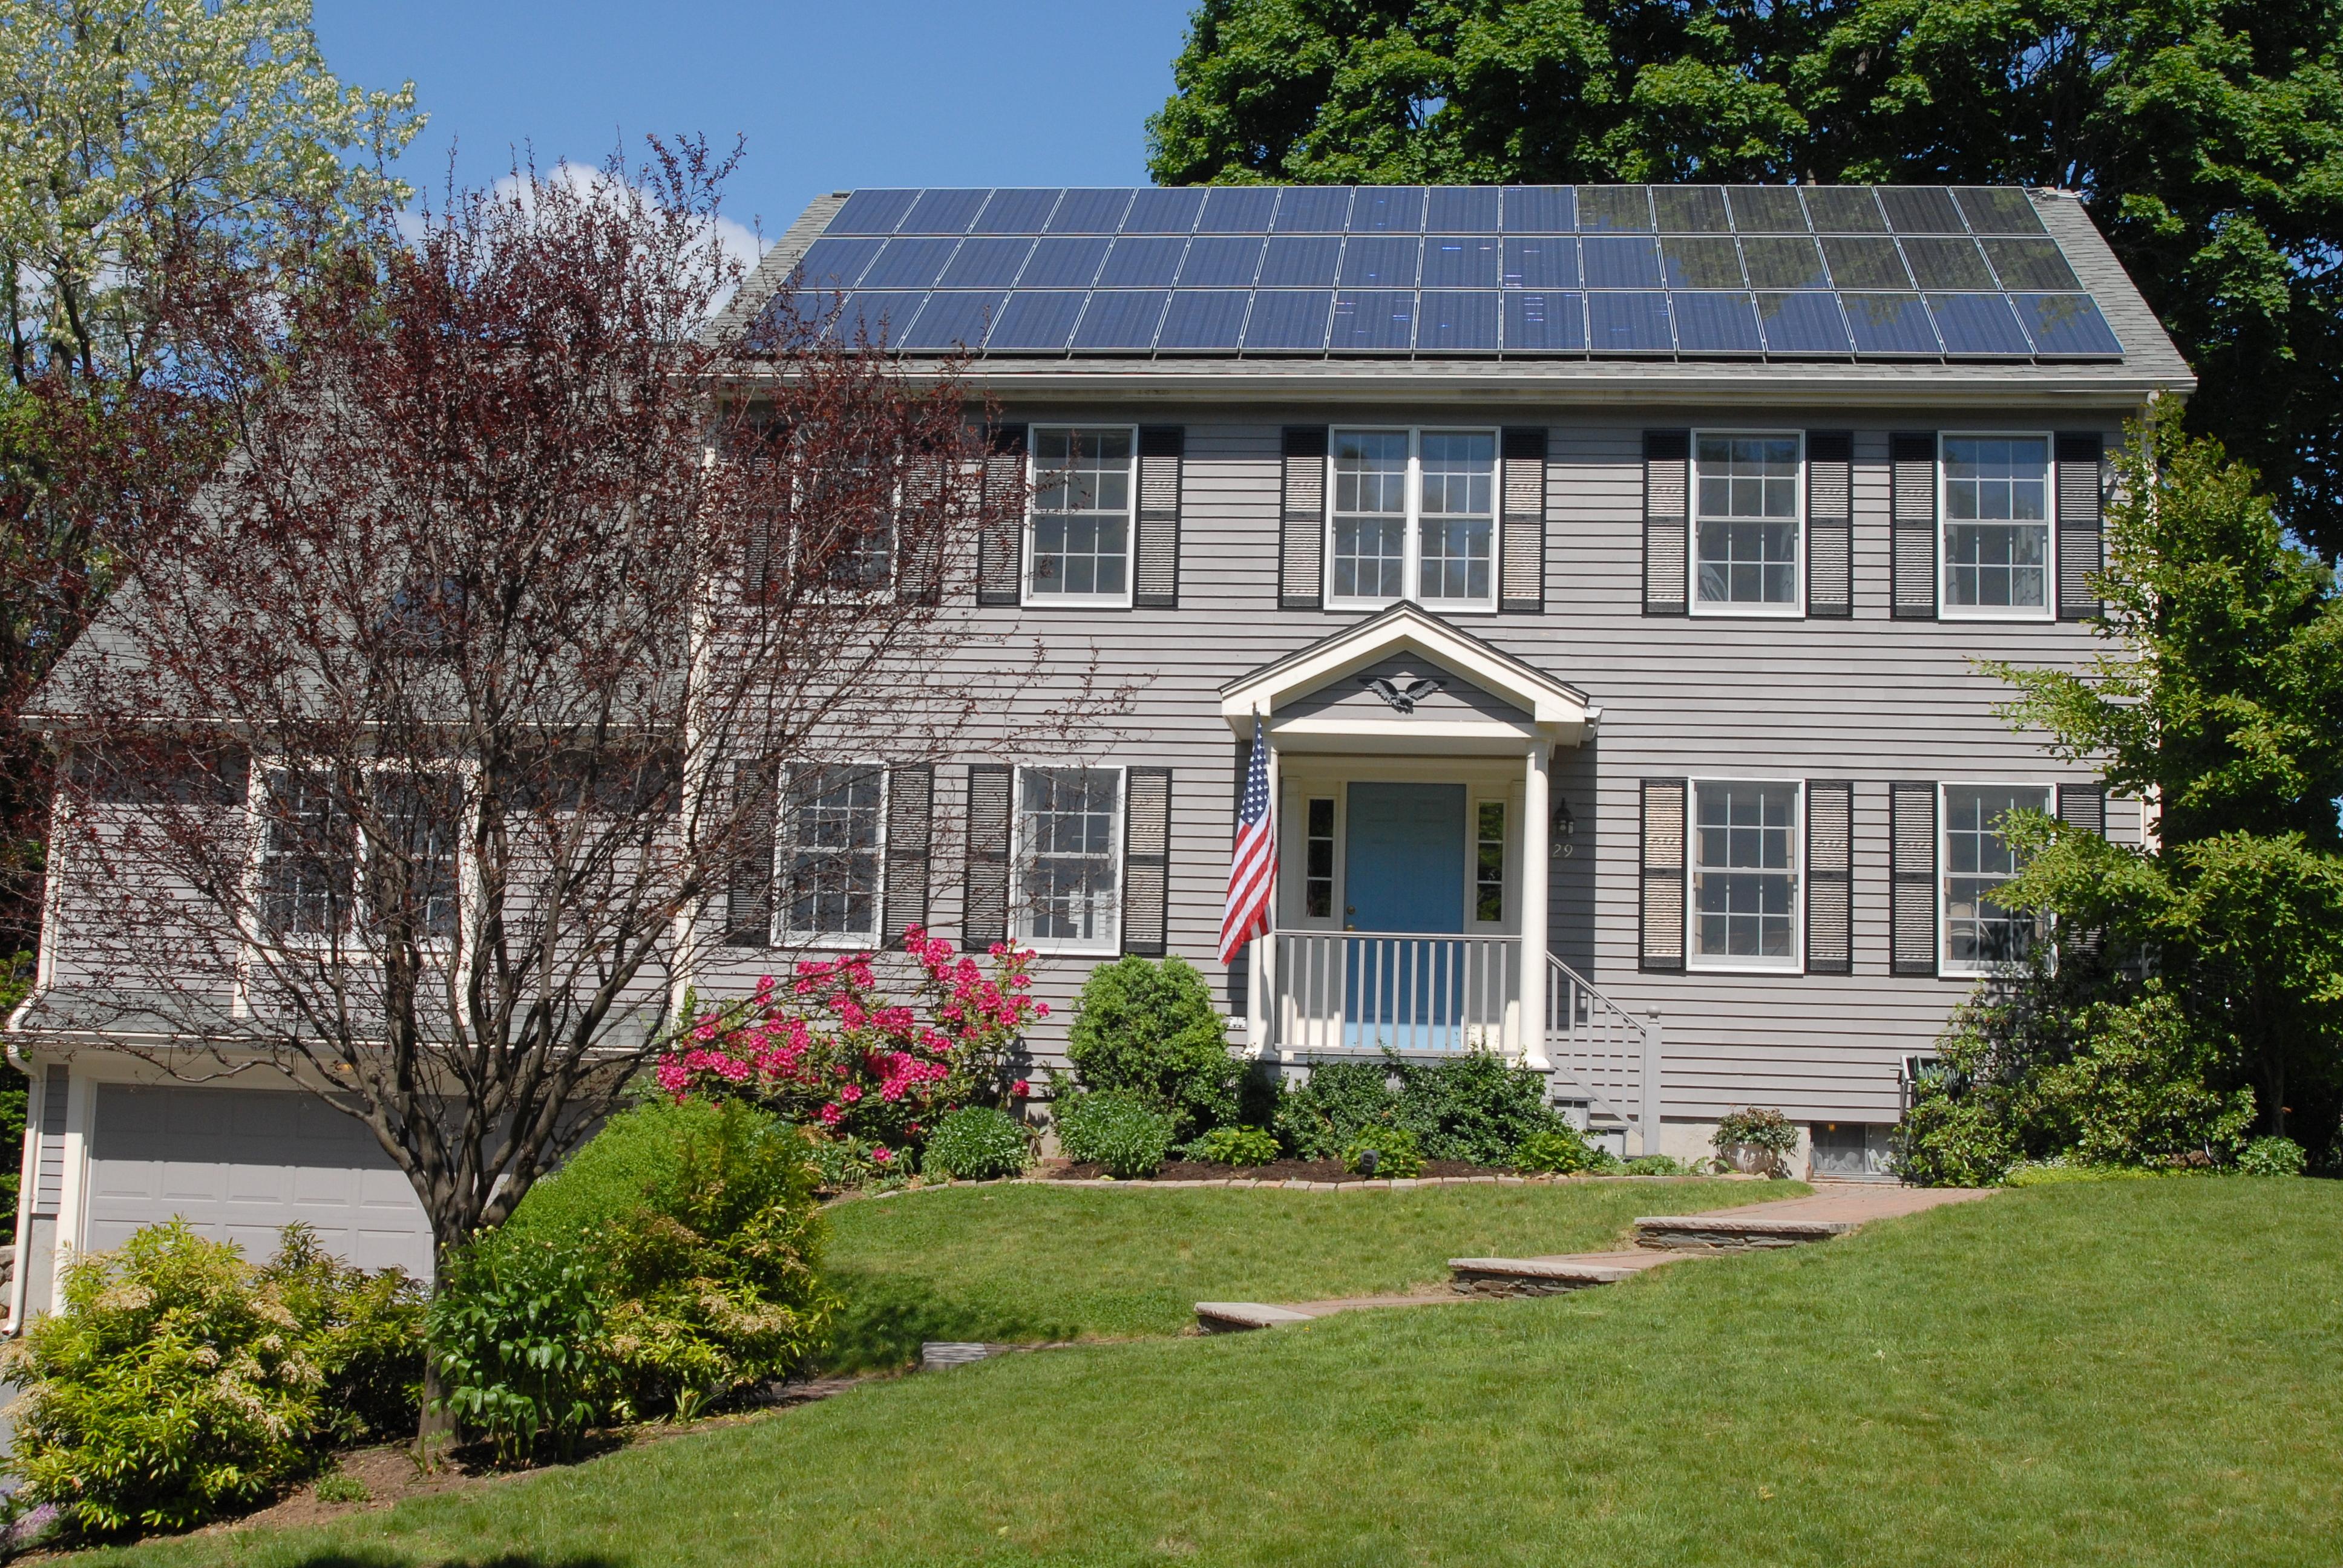 Solceller och solkraft - Solcellsladdare e6c3b3c981444